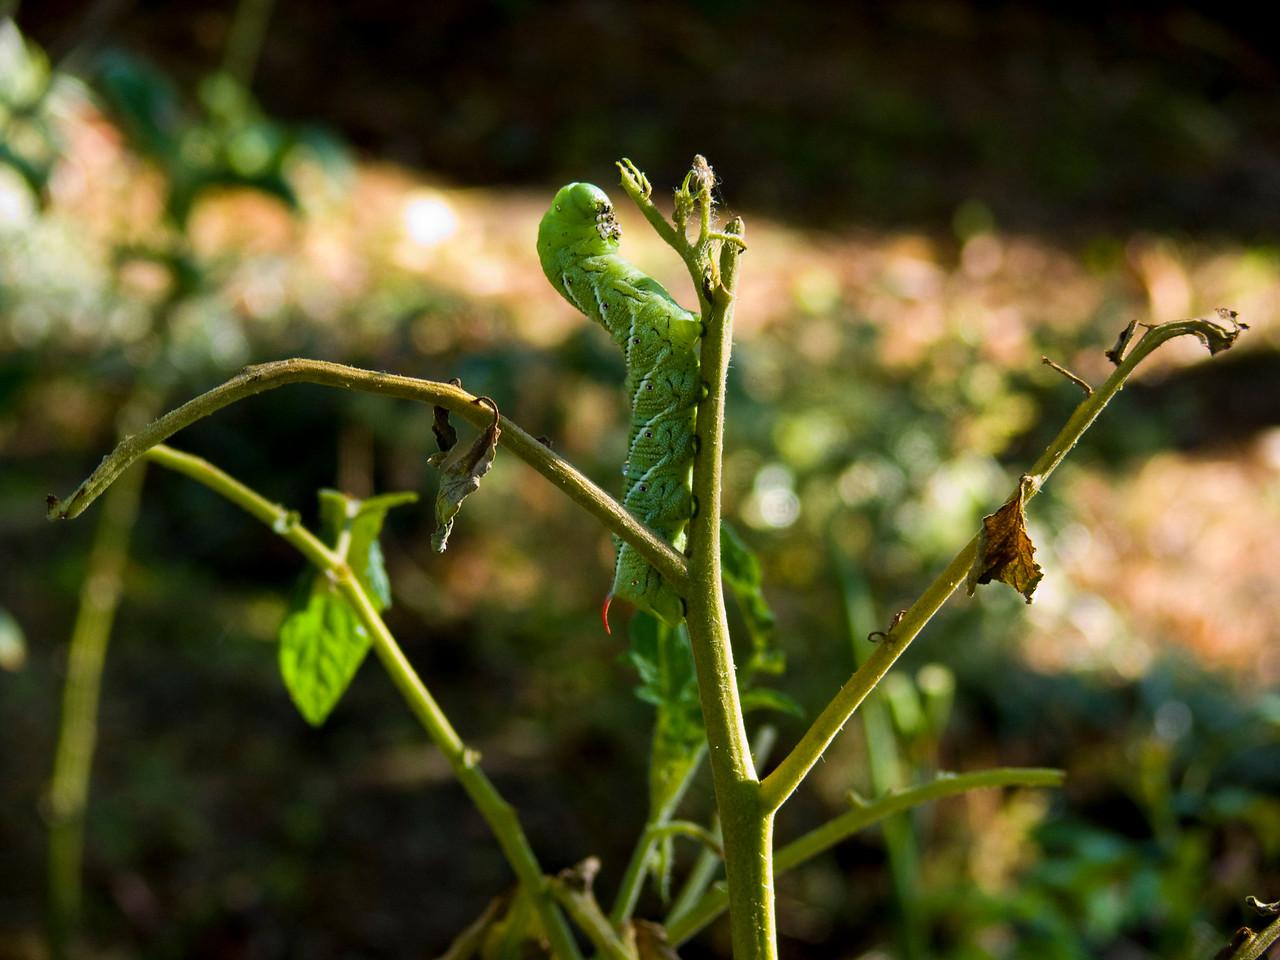 145 Tomato hornworm